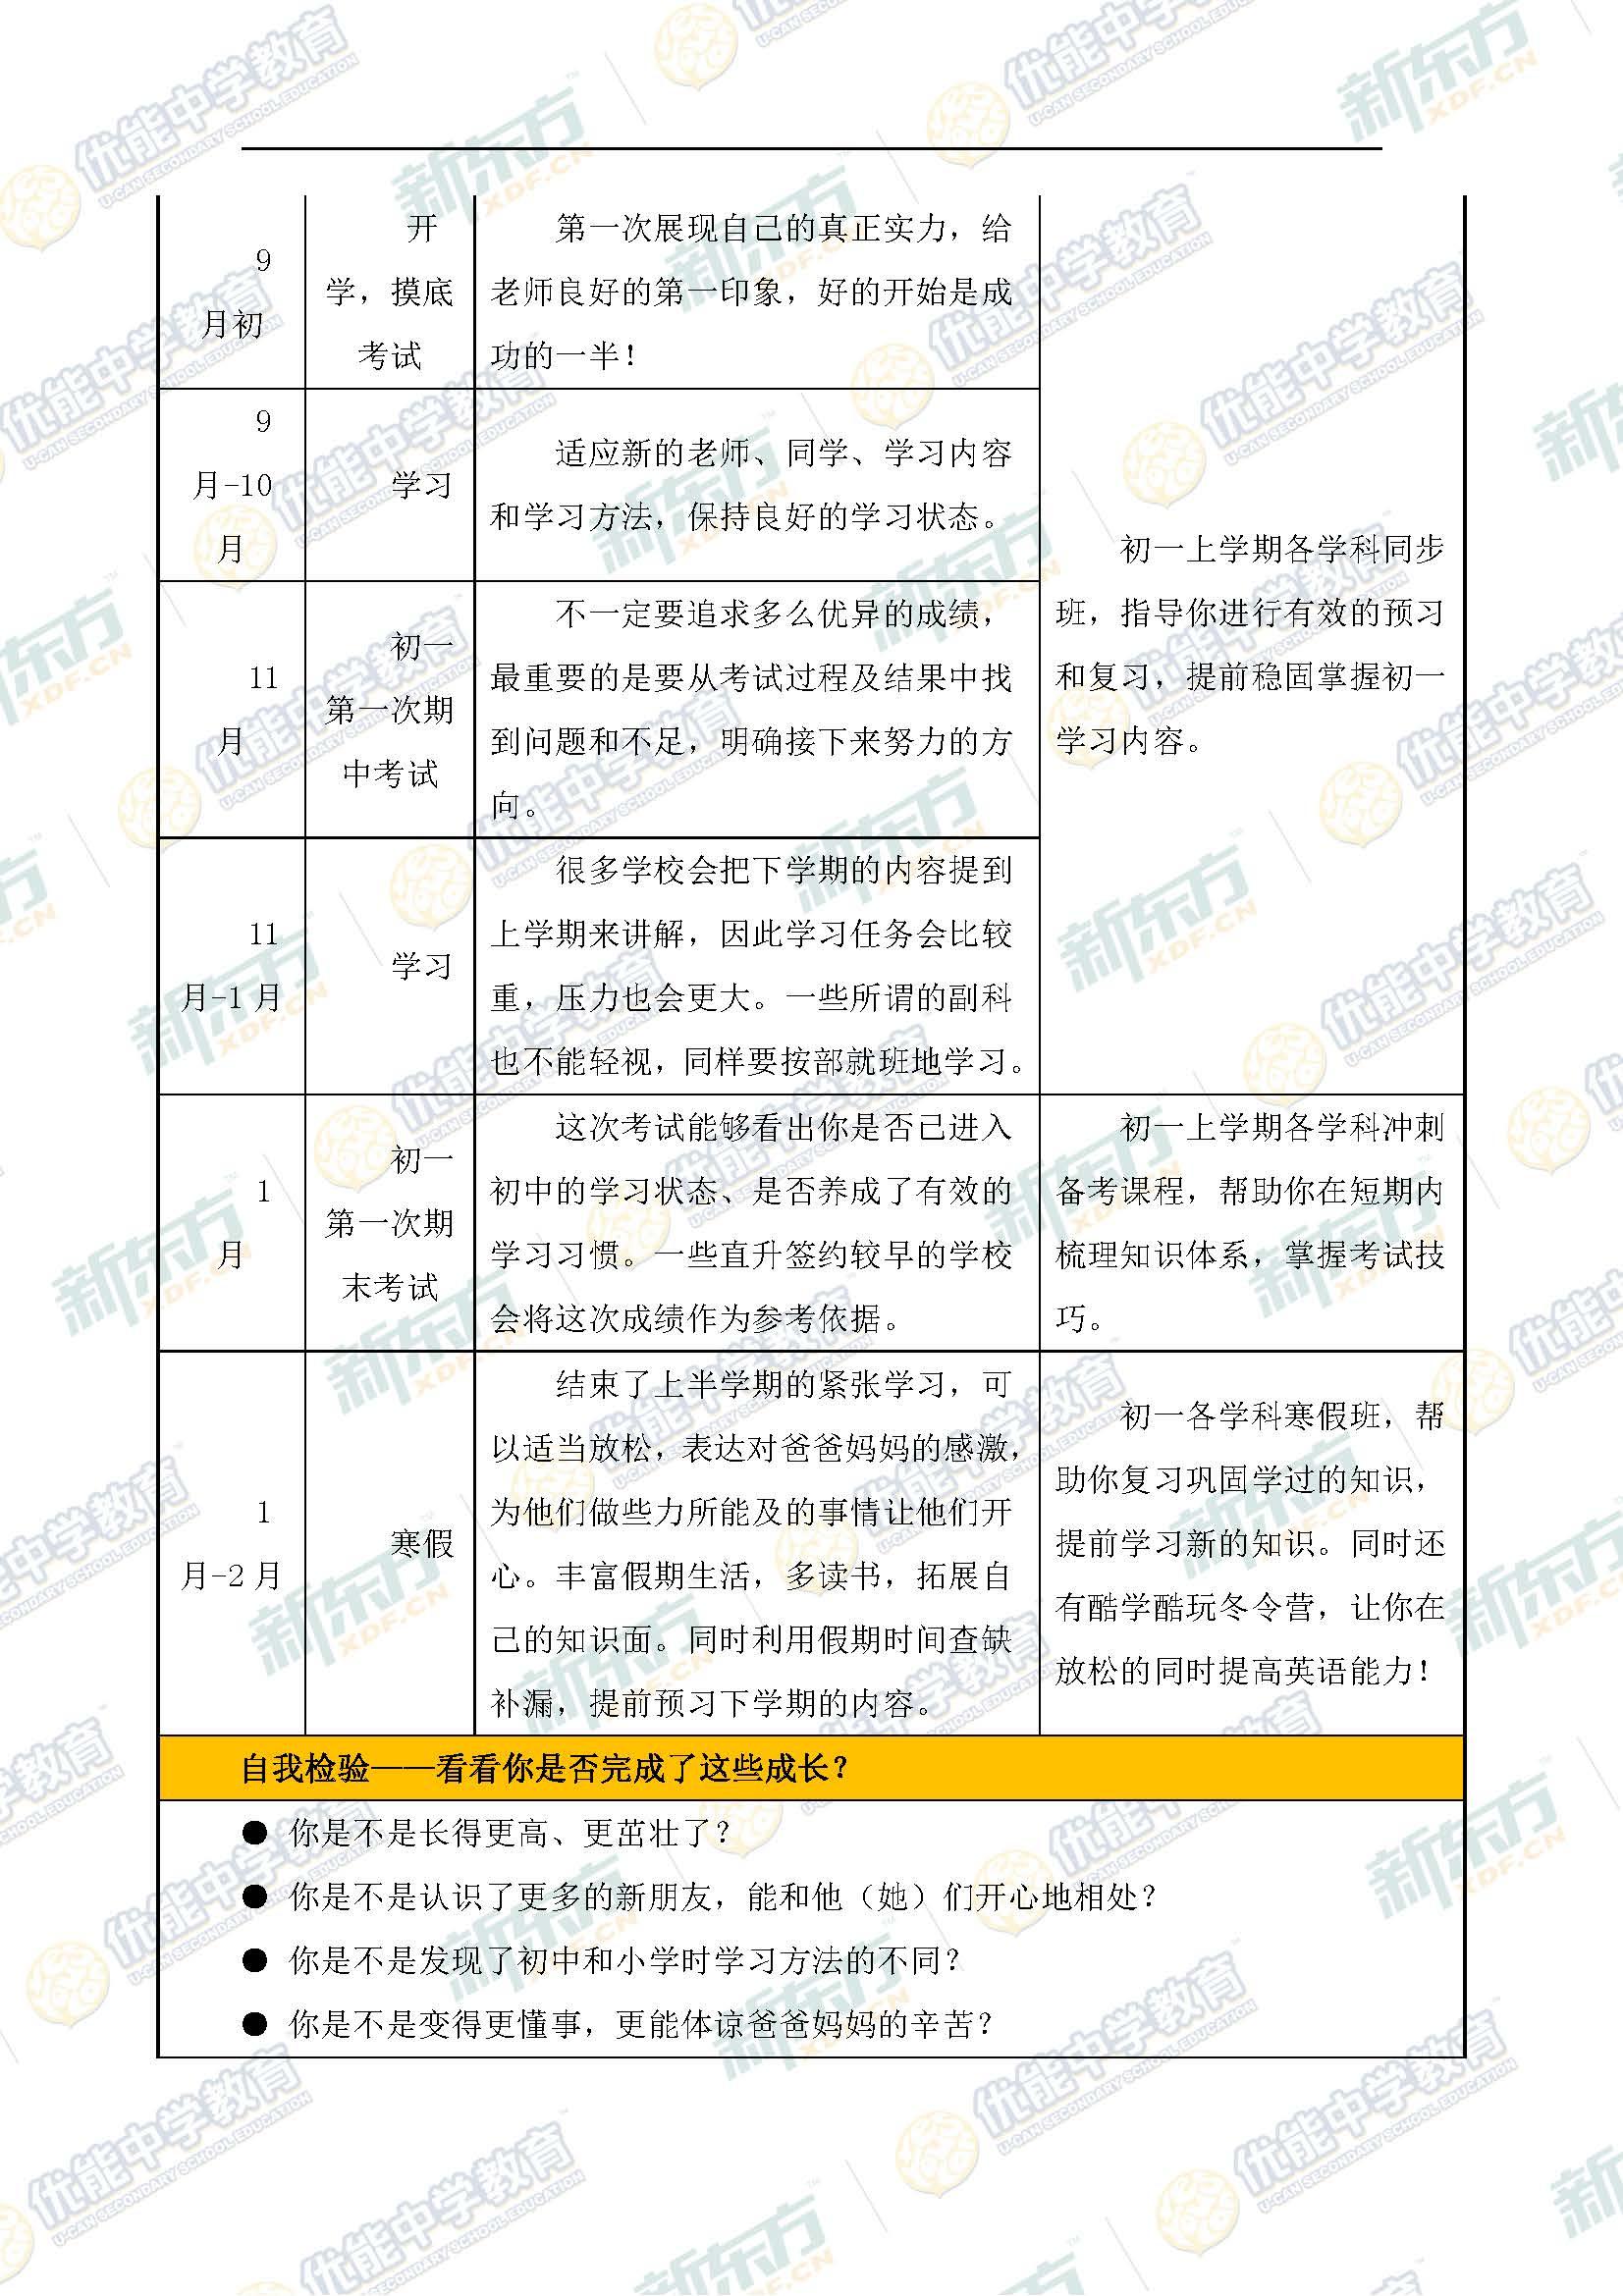 新东方名师李牧人:初中三年学习计划_第5页